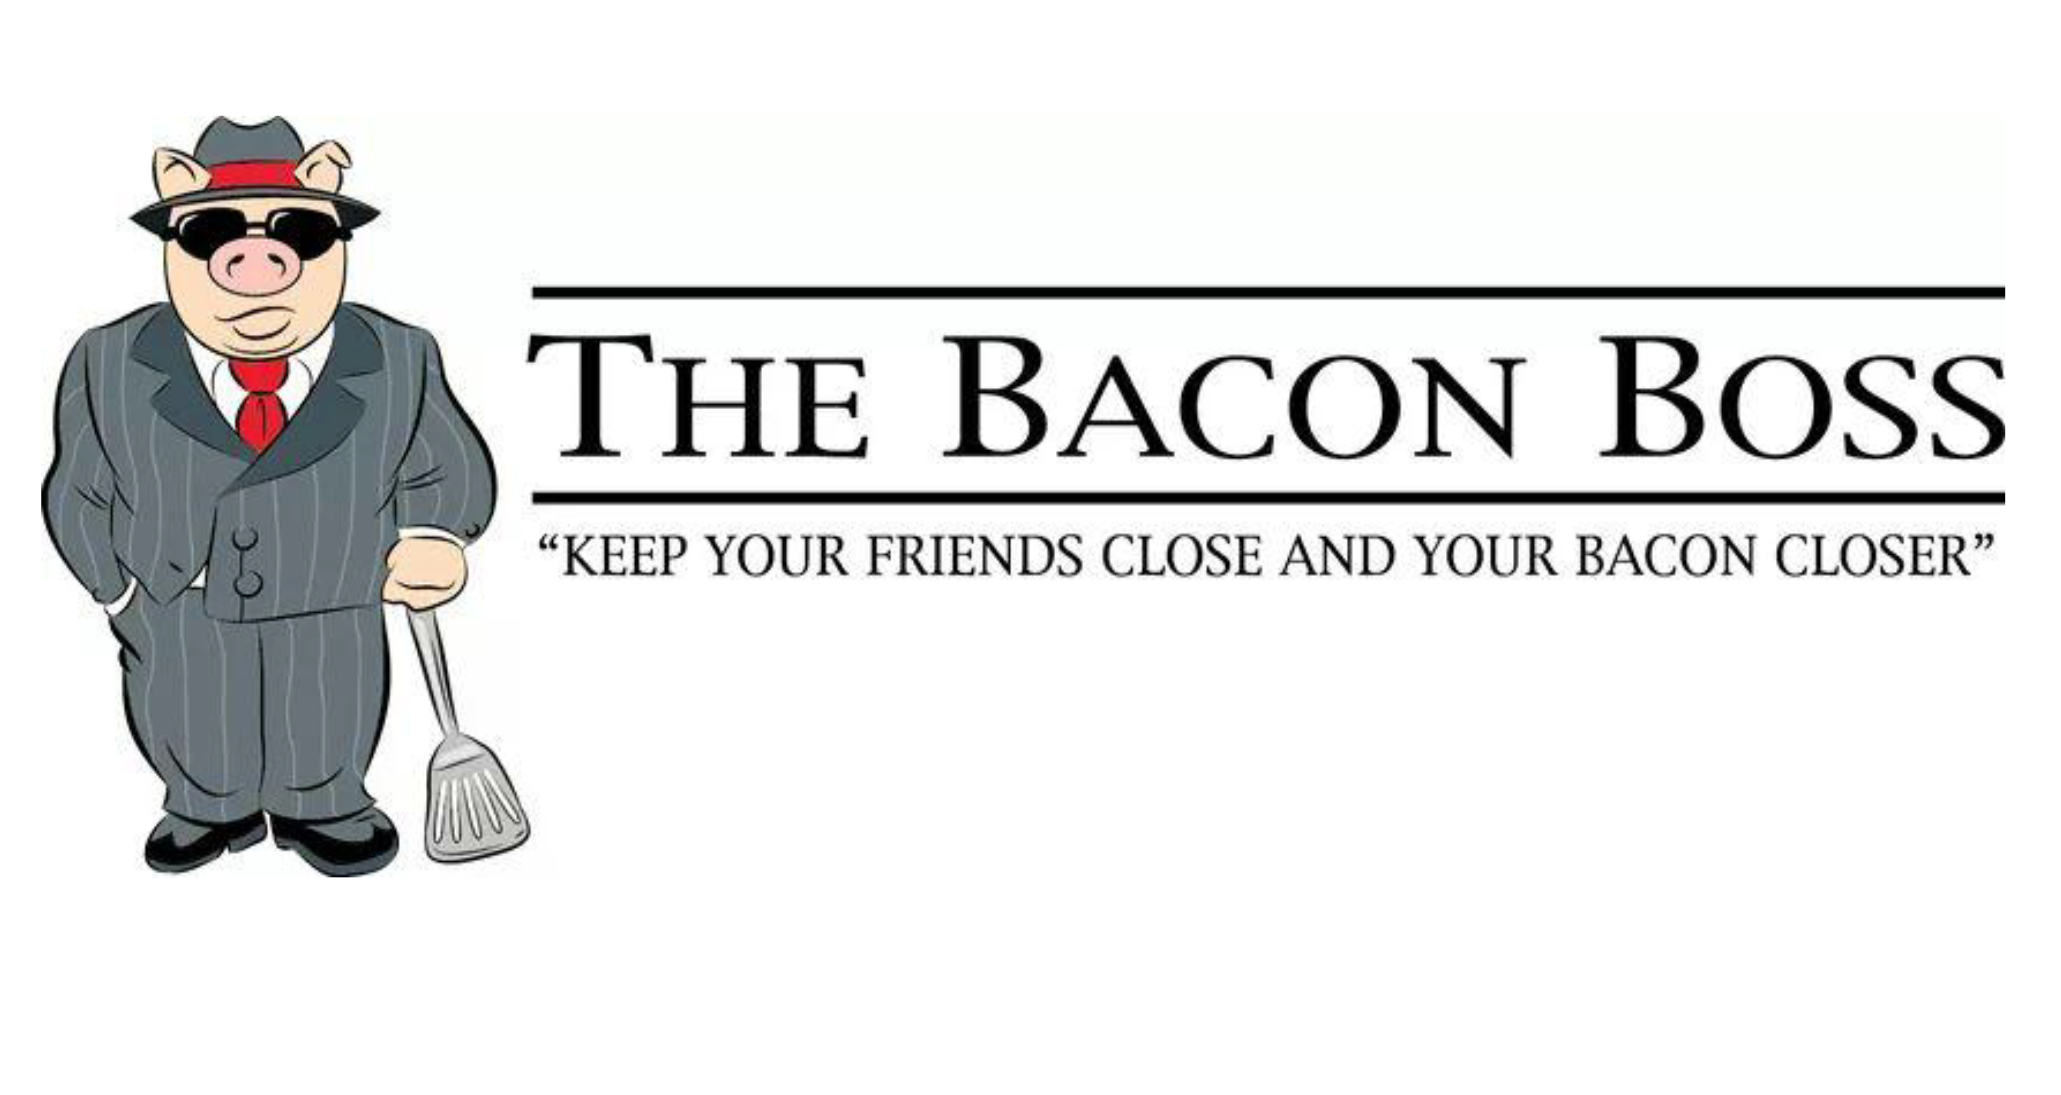 The Bacon Boss